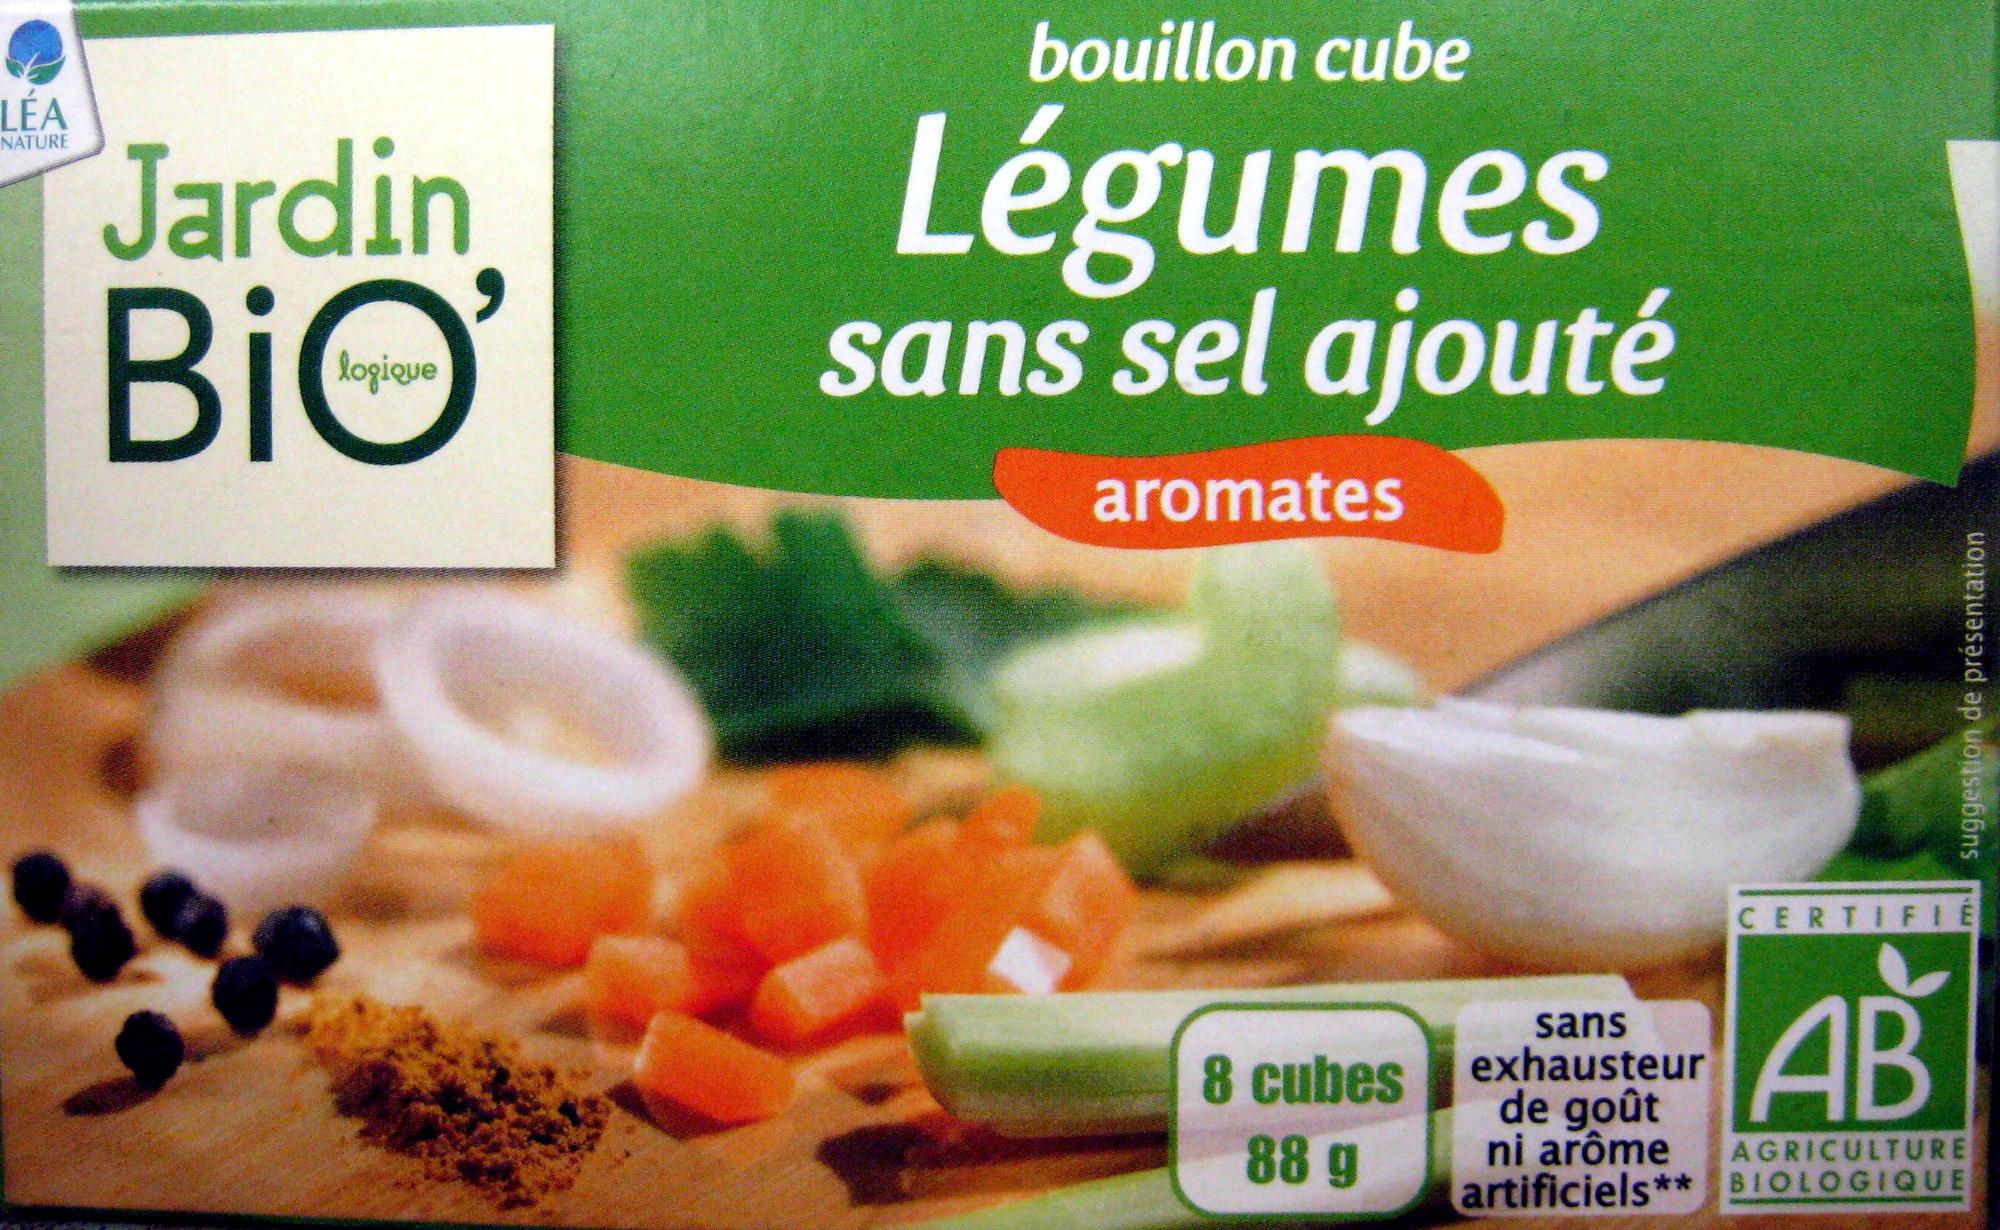 Bouillon cube Légumes sans sel ajouté aromates Jardin Bio 88 g